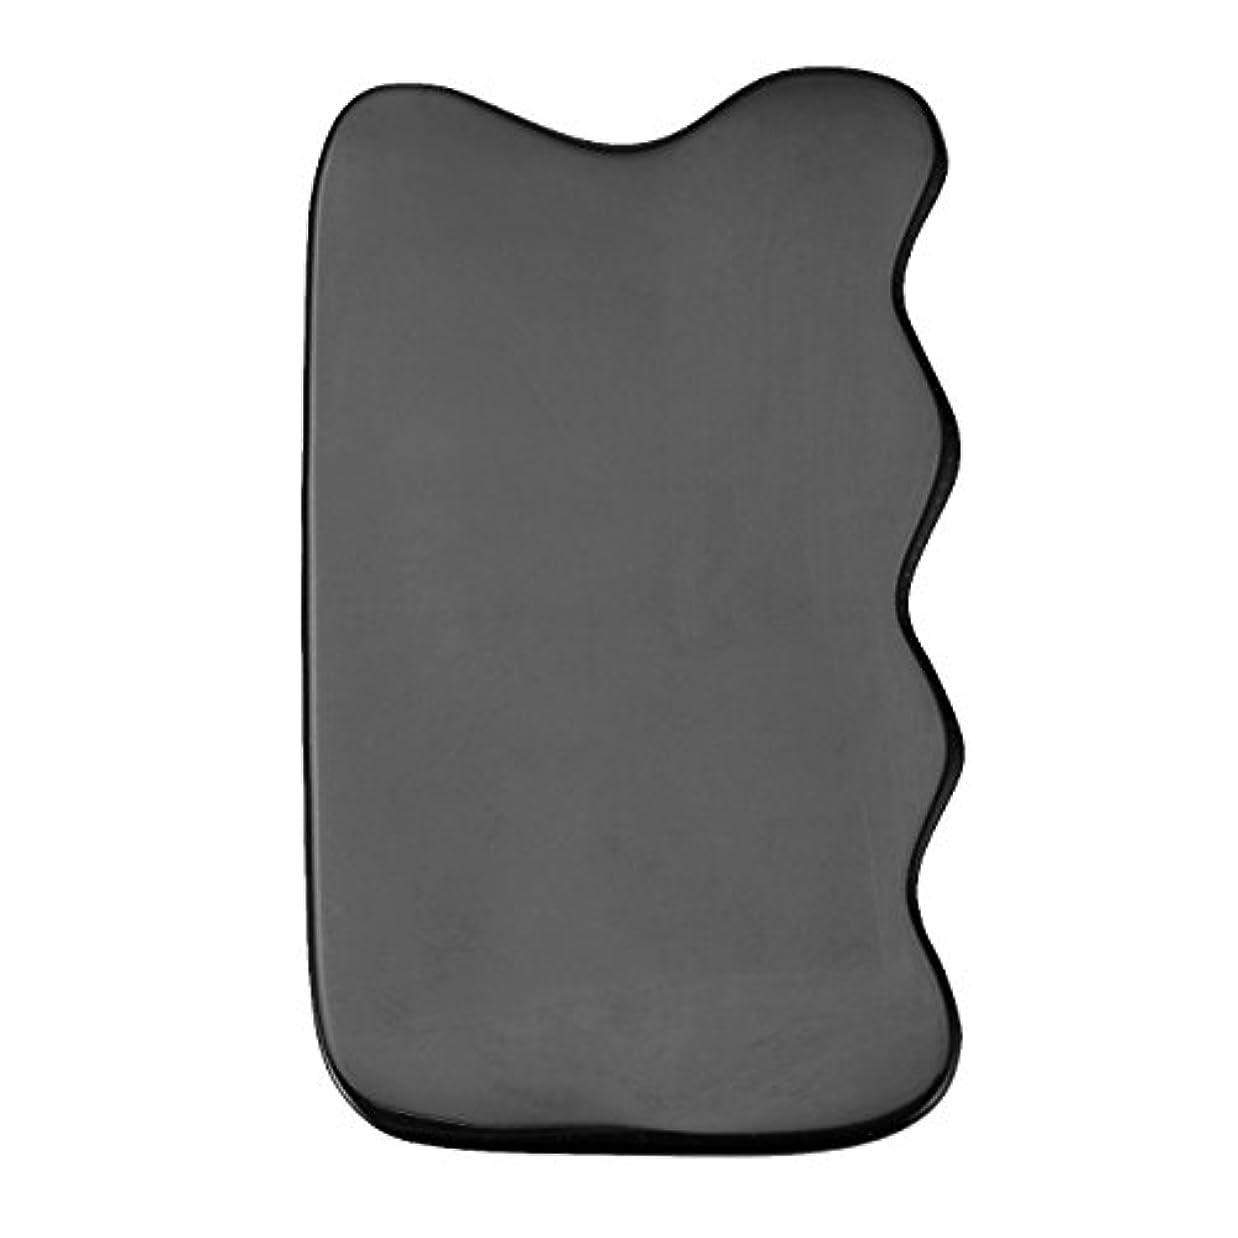 適度に国旗鎖Jovivi Mak カッサリフトプレート ブラック 牛角 パワーストーン カッサ板 美顔 カッサボード カッサマッサージ道具 ギフトバッグを提供 (波状)